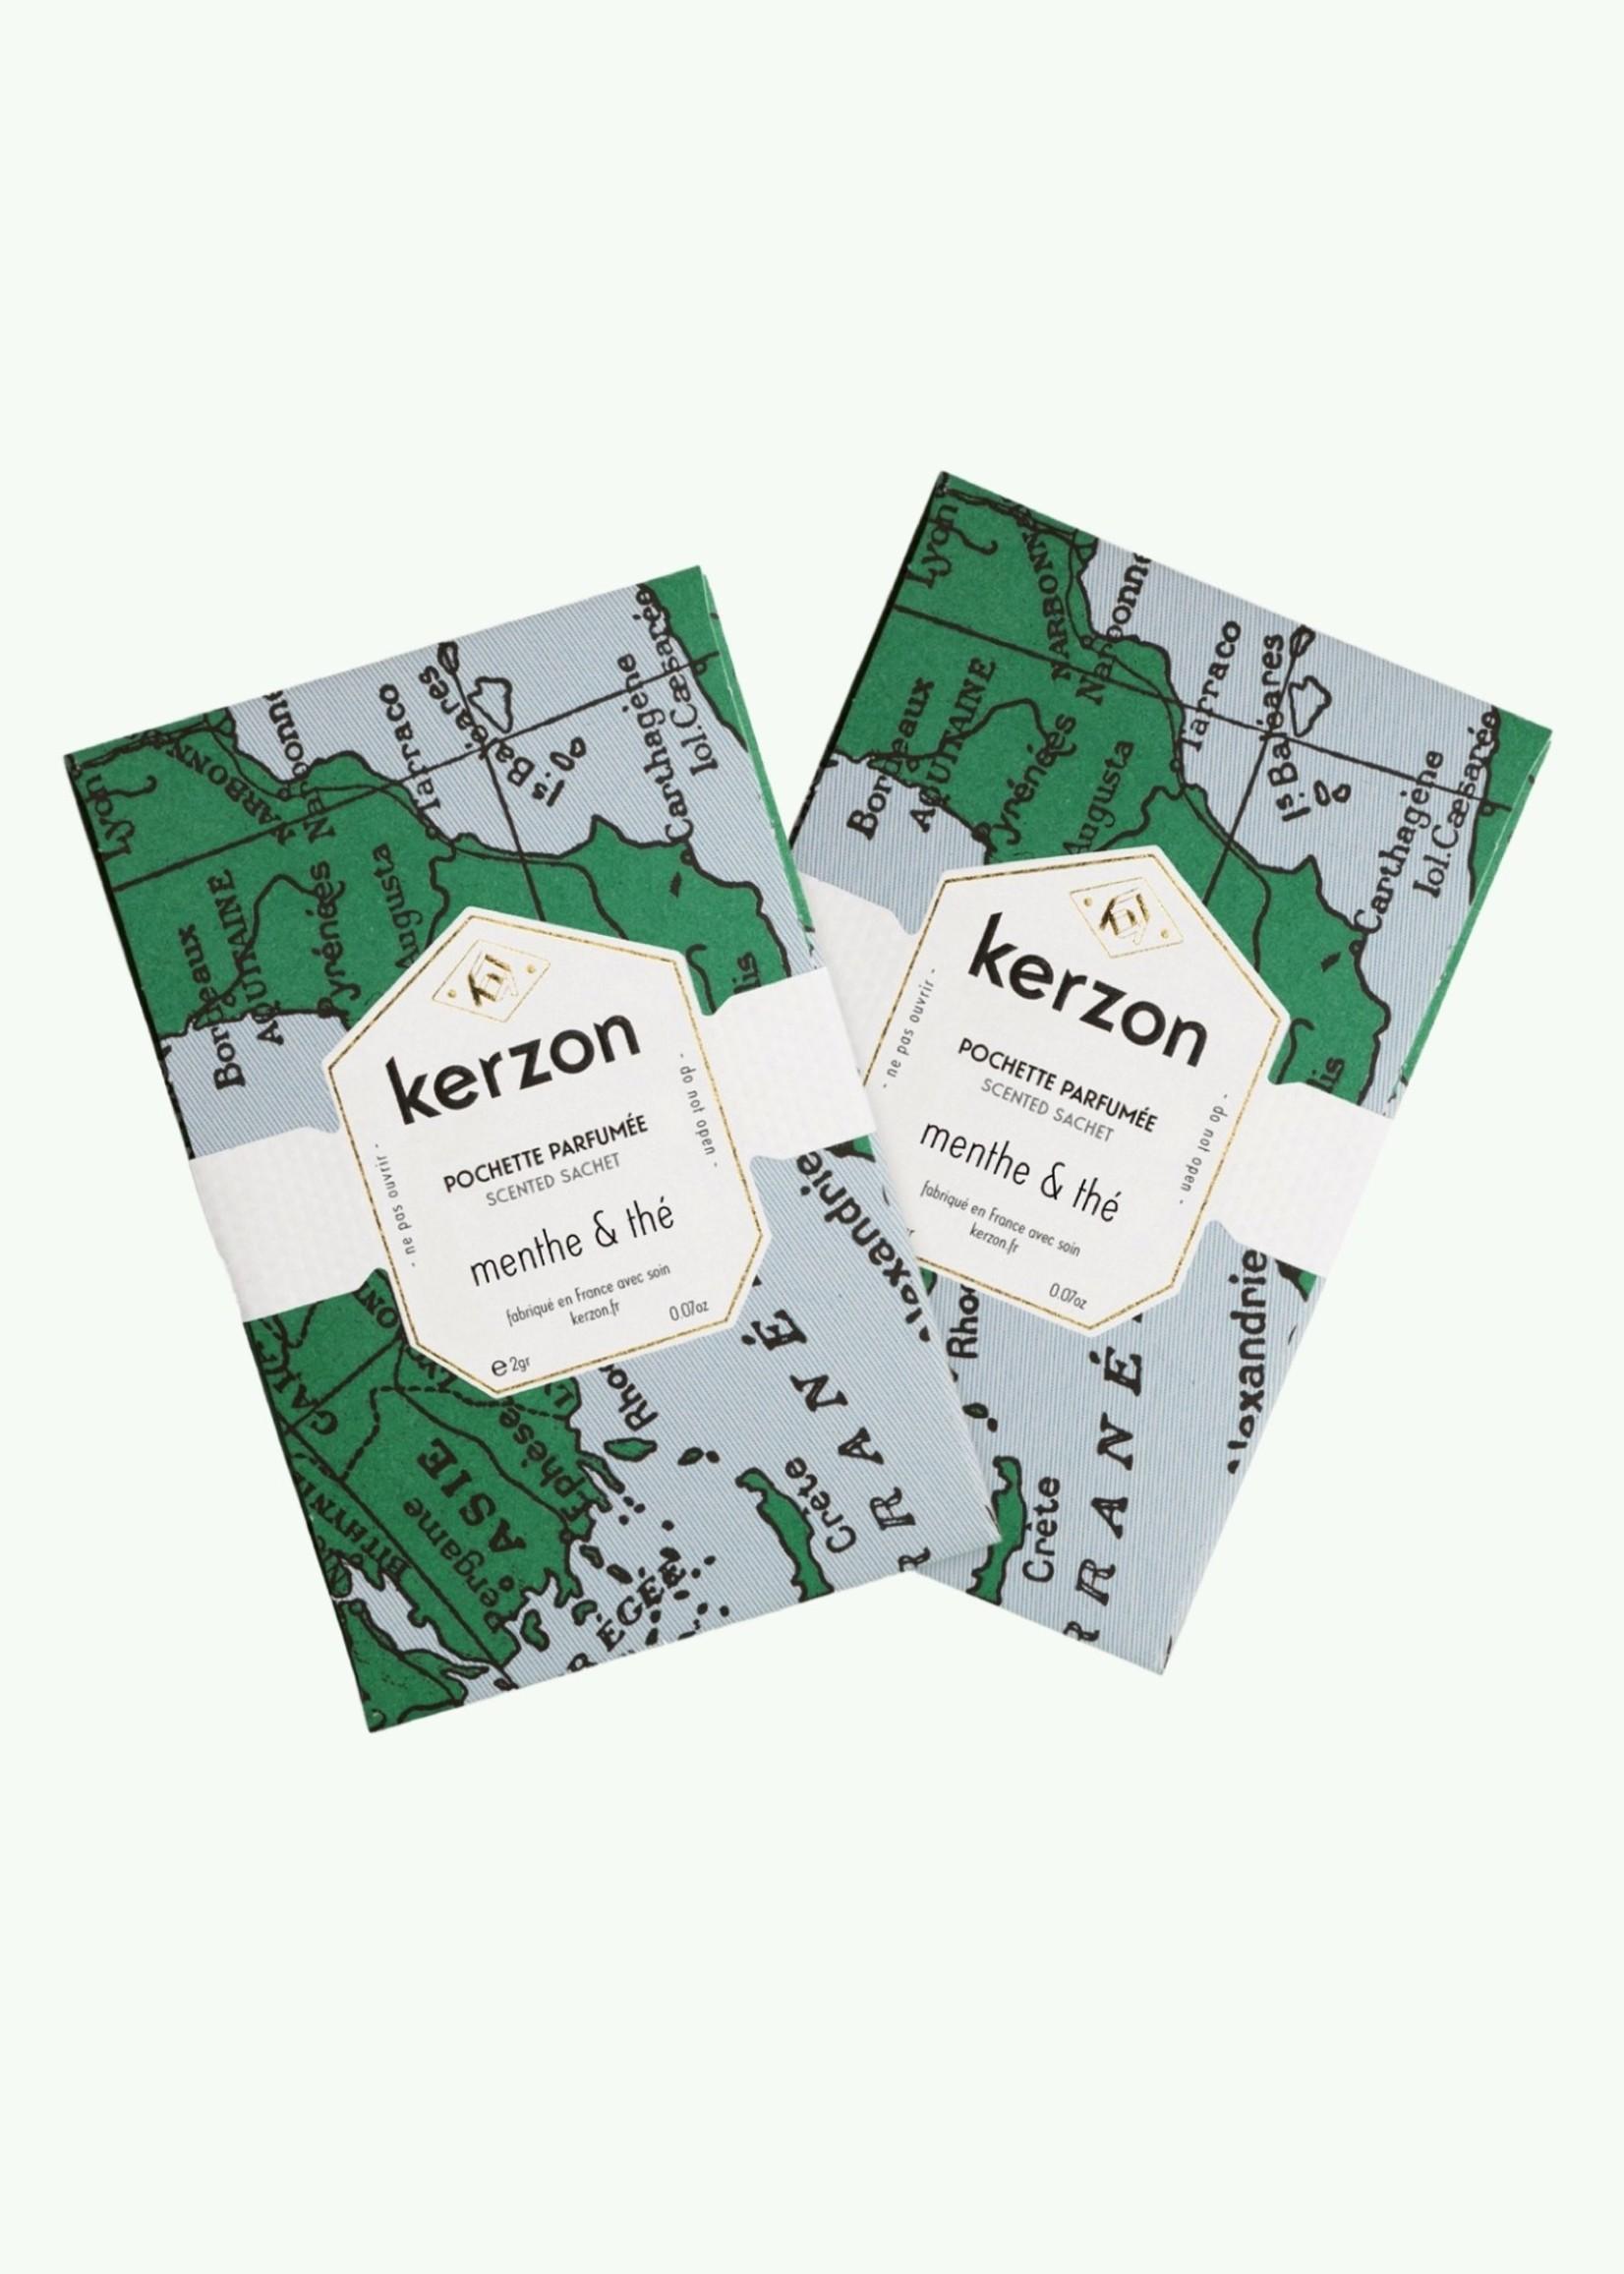 Kerzon Kerzon - Menthe & Thé - Set of 2 Scented Sachets